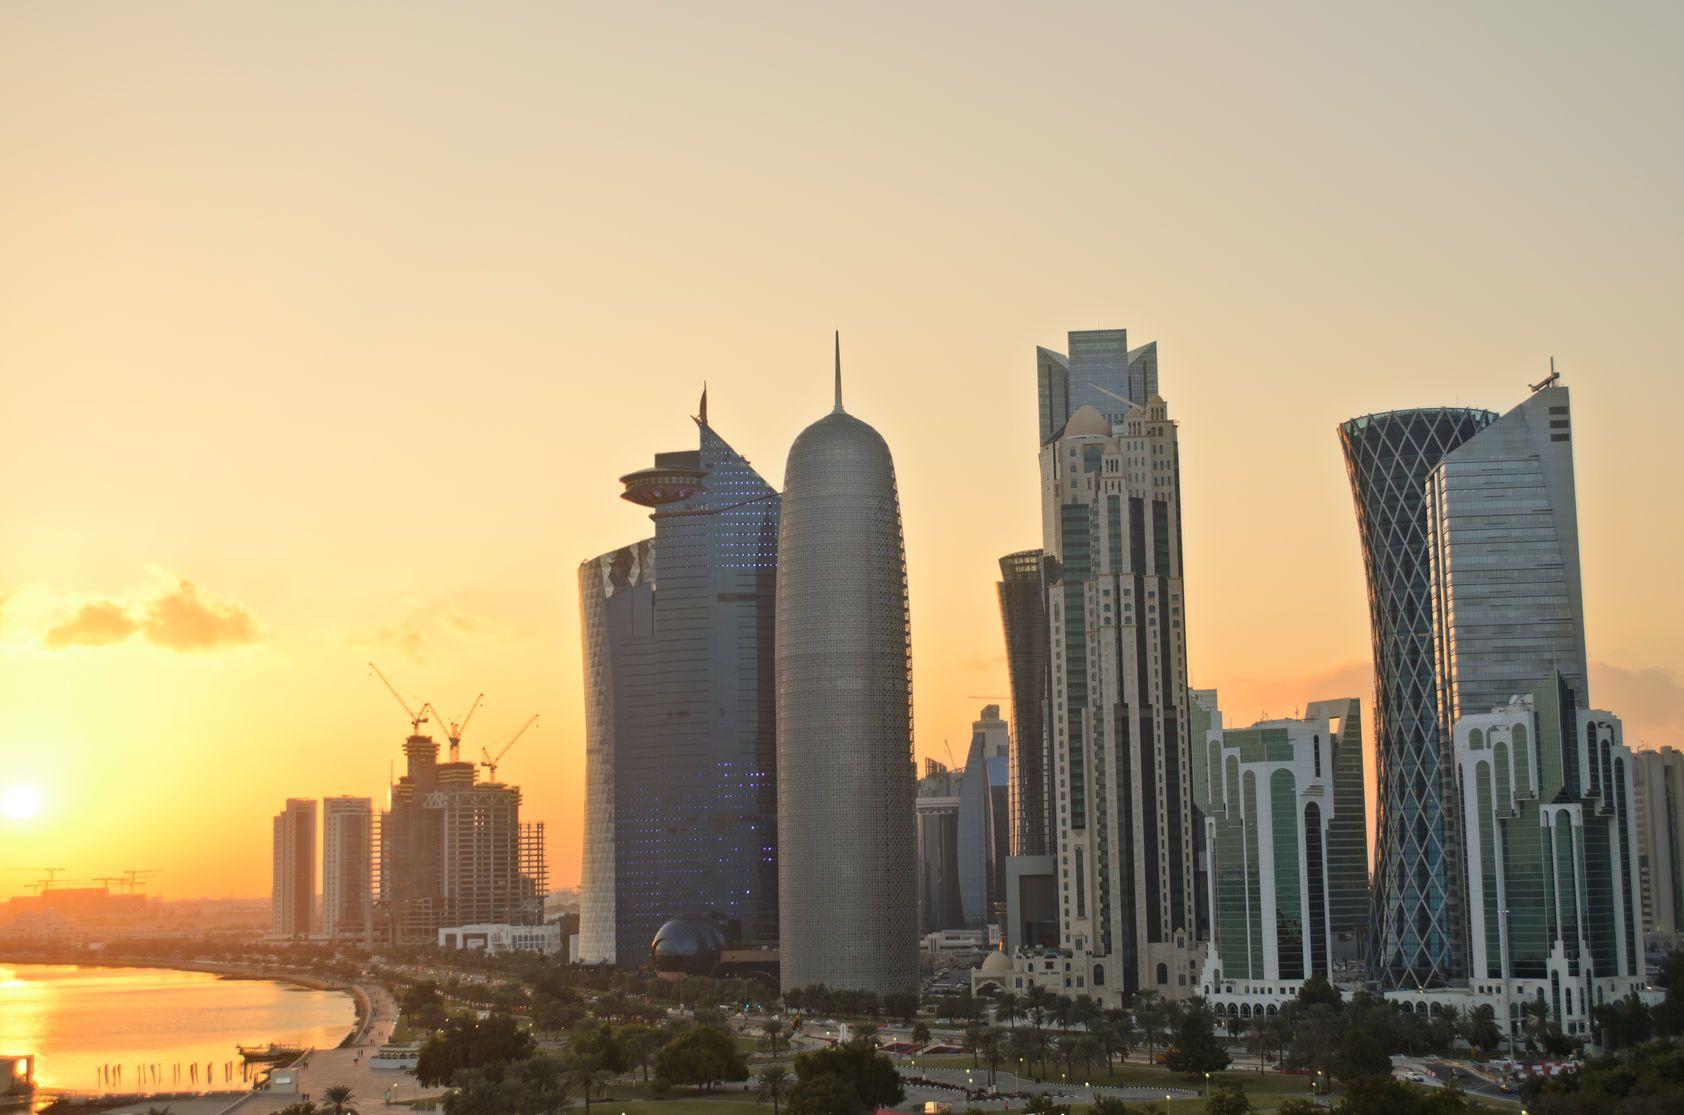 Západ slunce nad obchodním centrem v Dauhá   pljvv/123RF.com